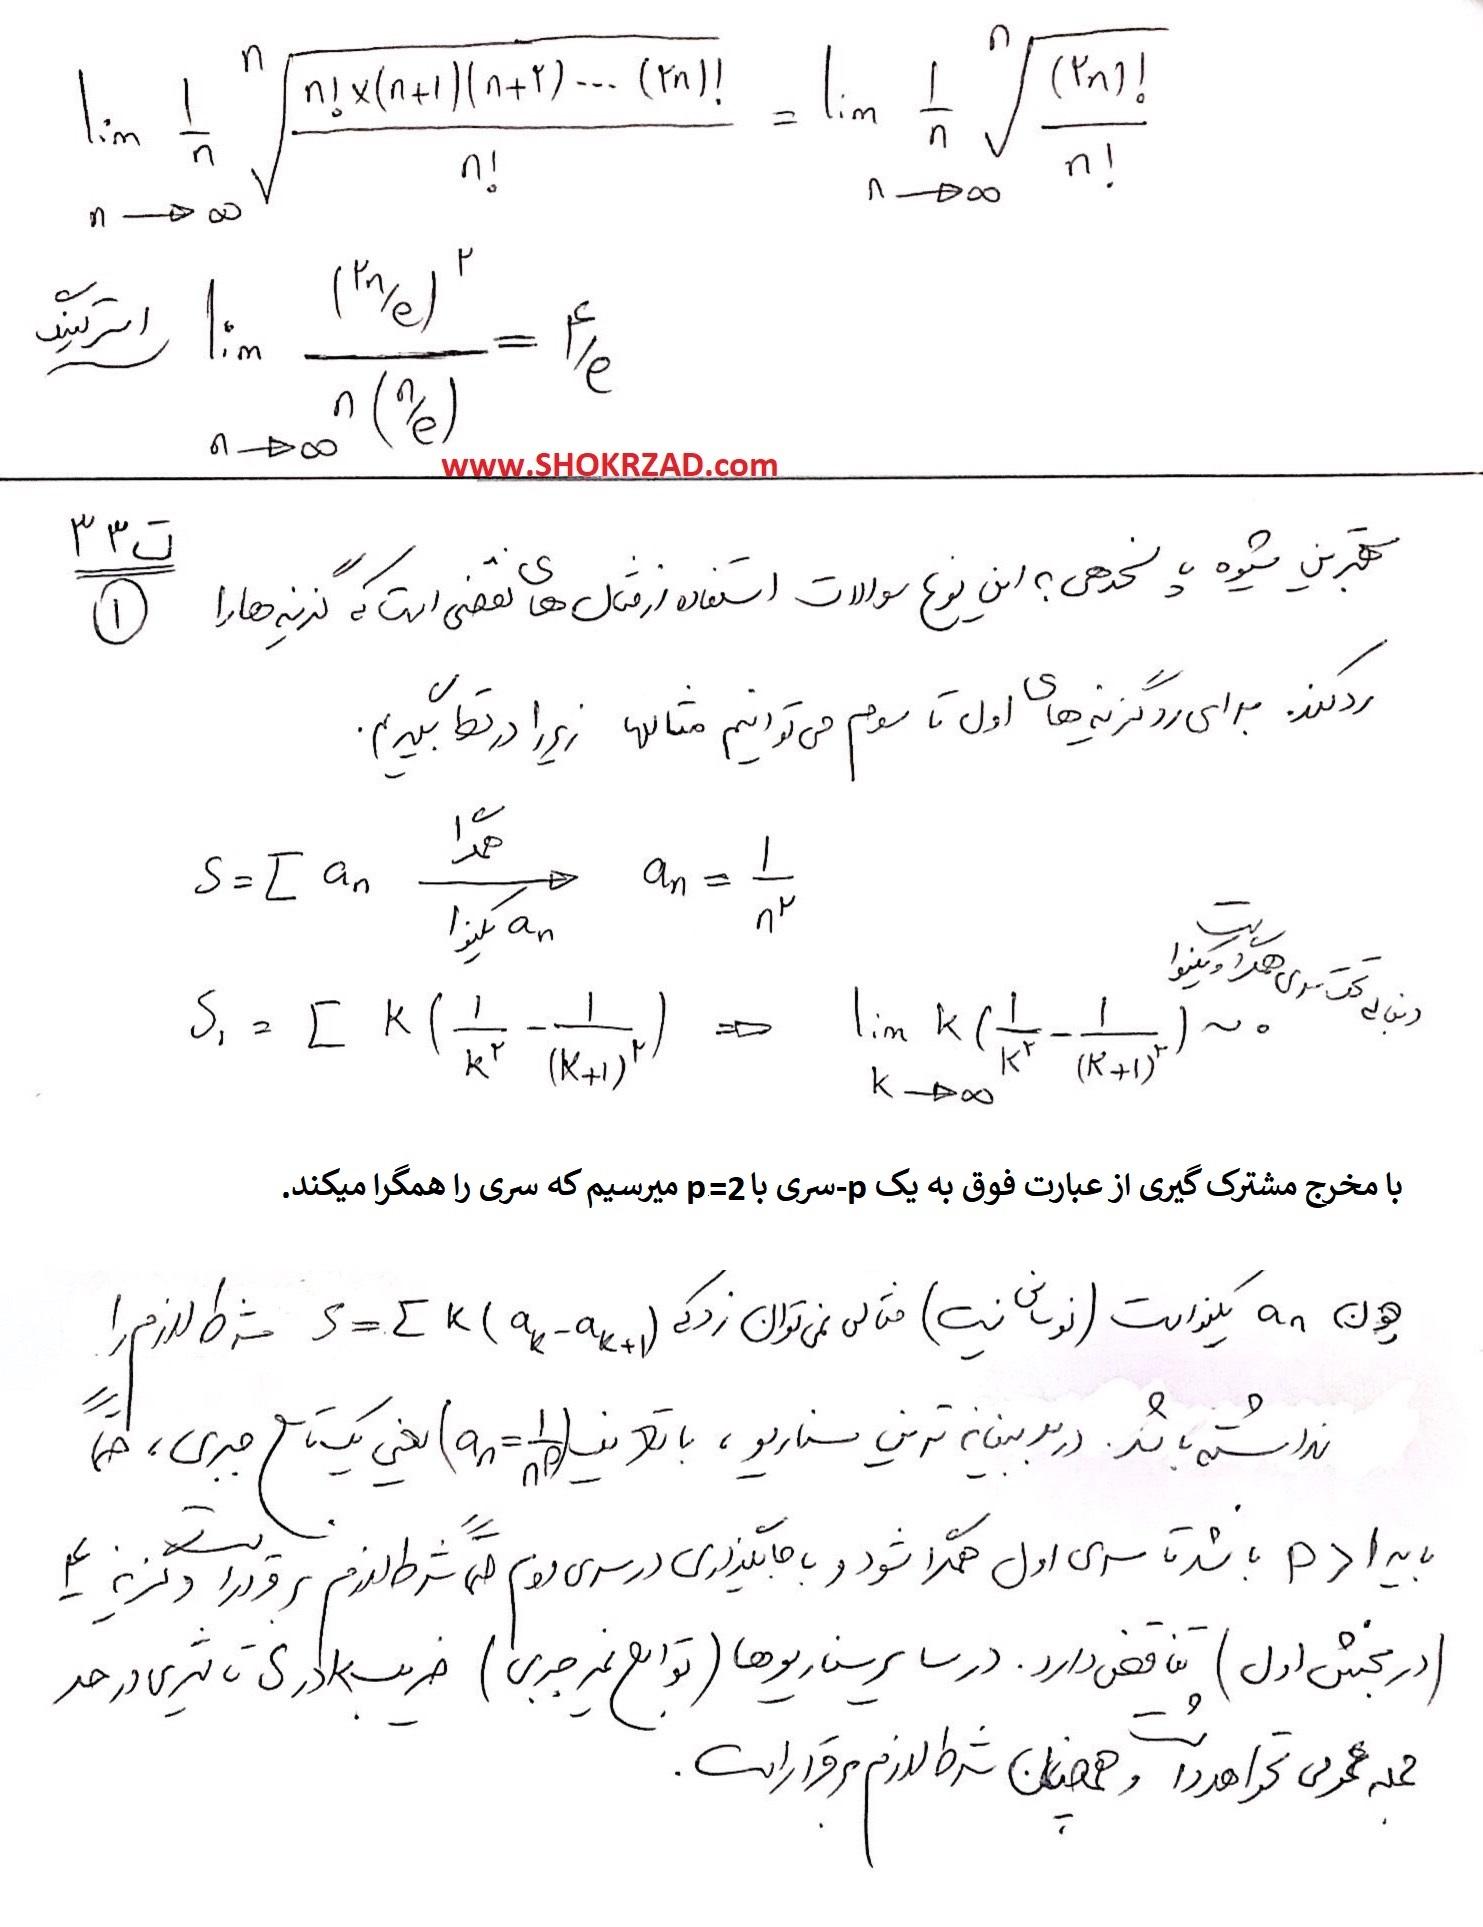 پاسخ ریاضی رشته ریاضی و آمار 98